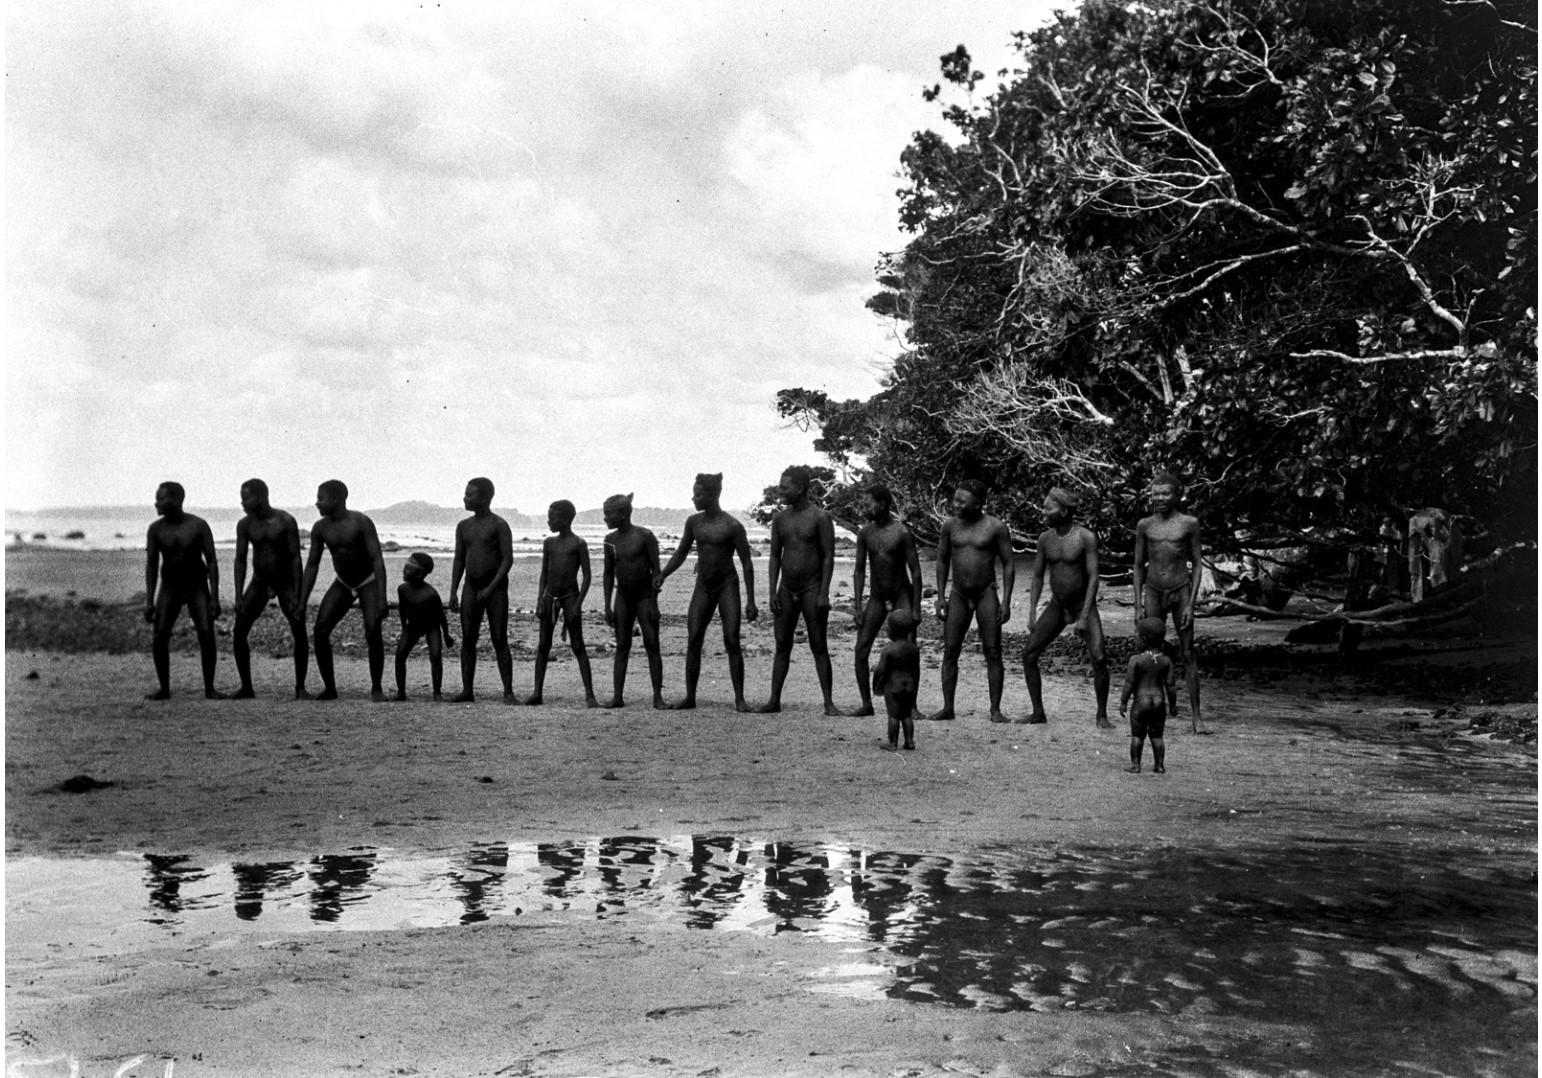 1196. Народность онге. Группа мужчин танцует на берегу